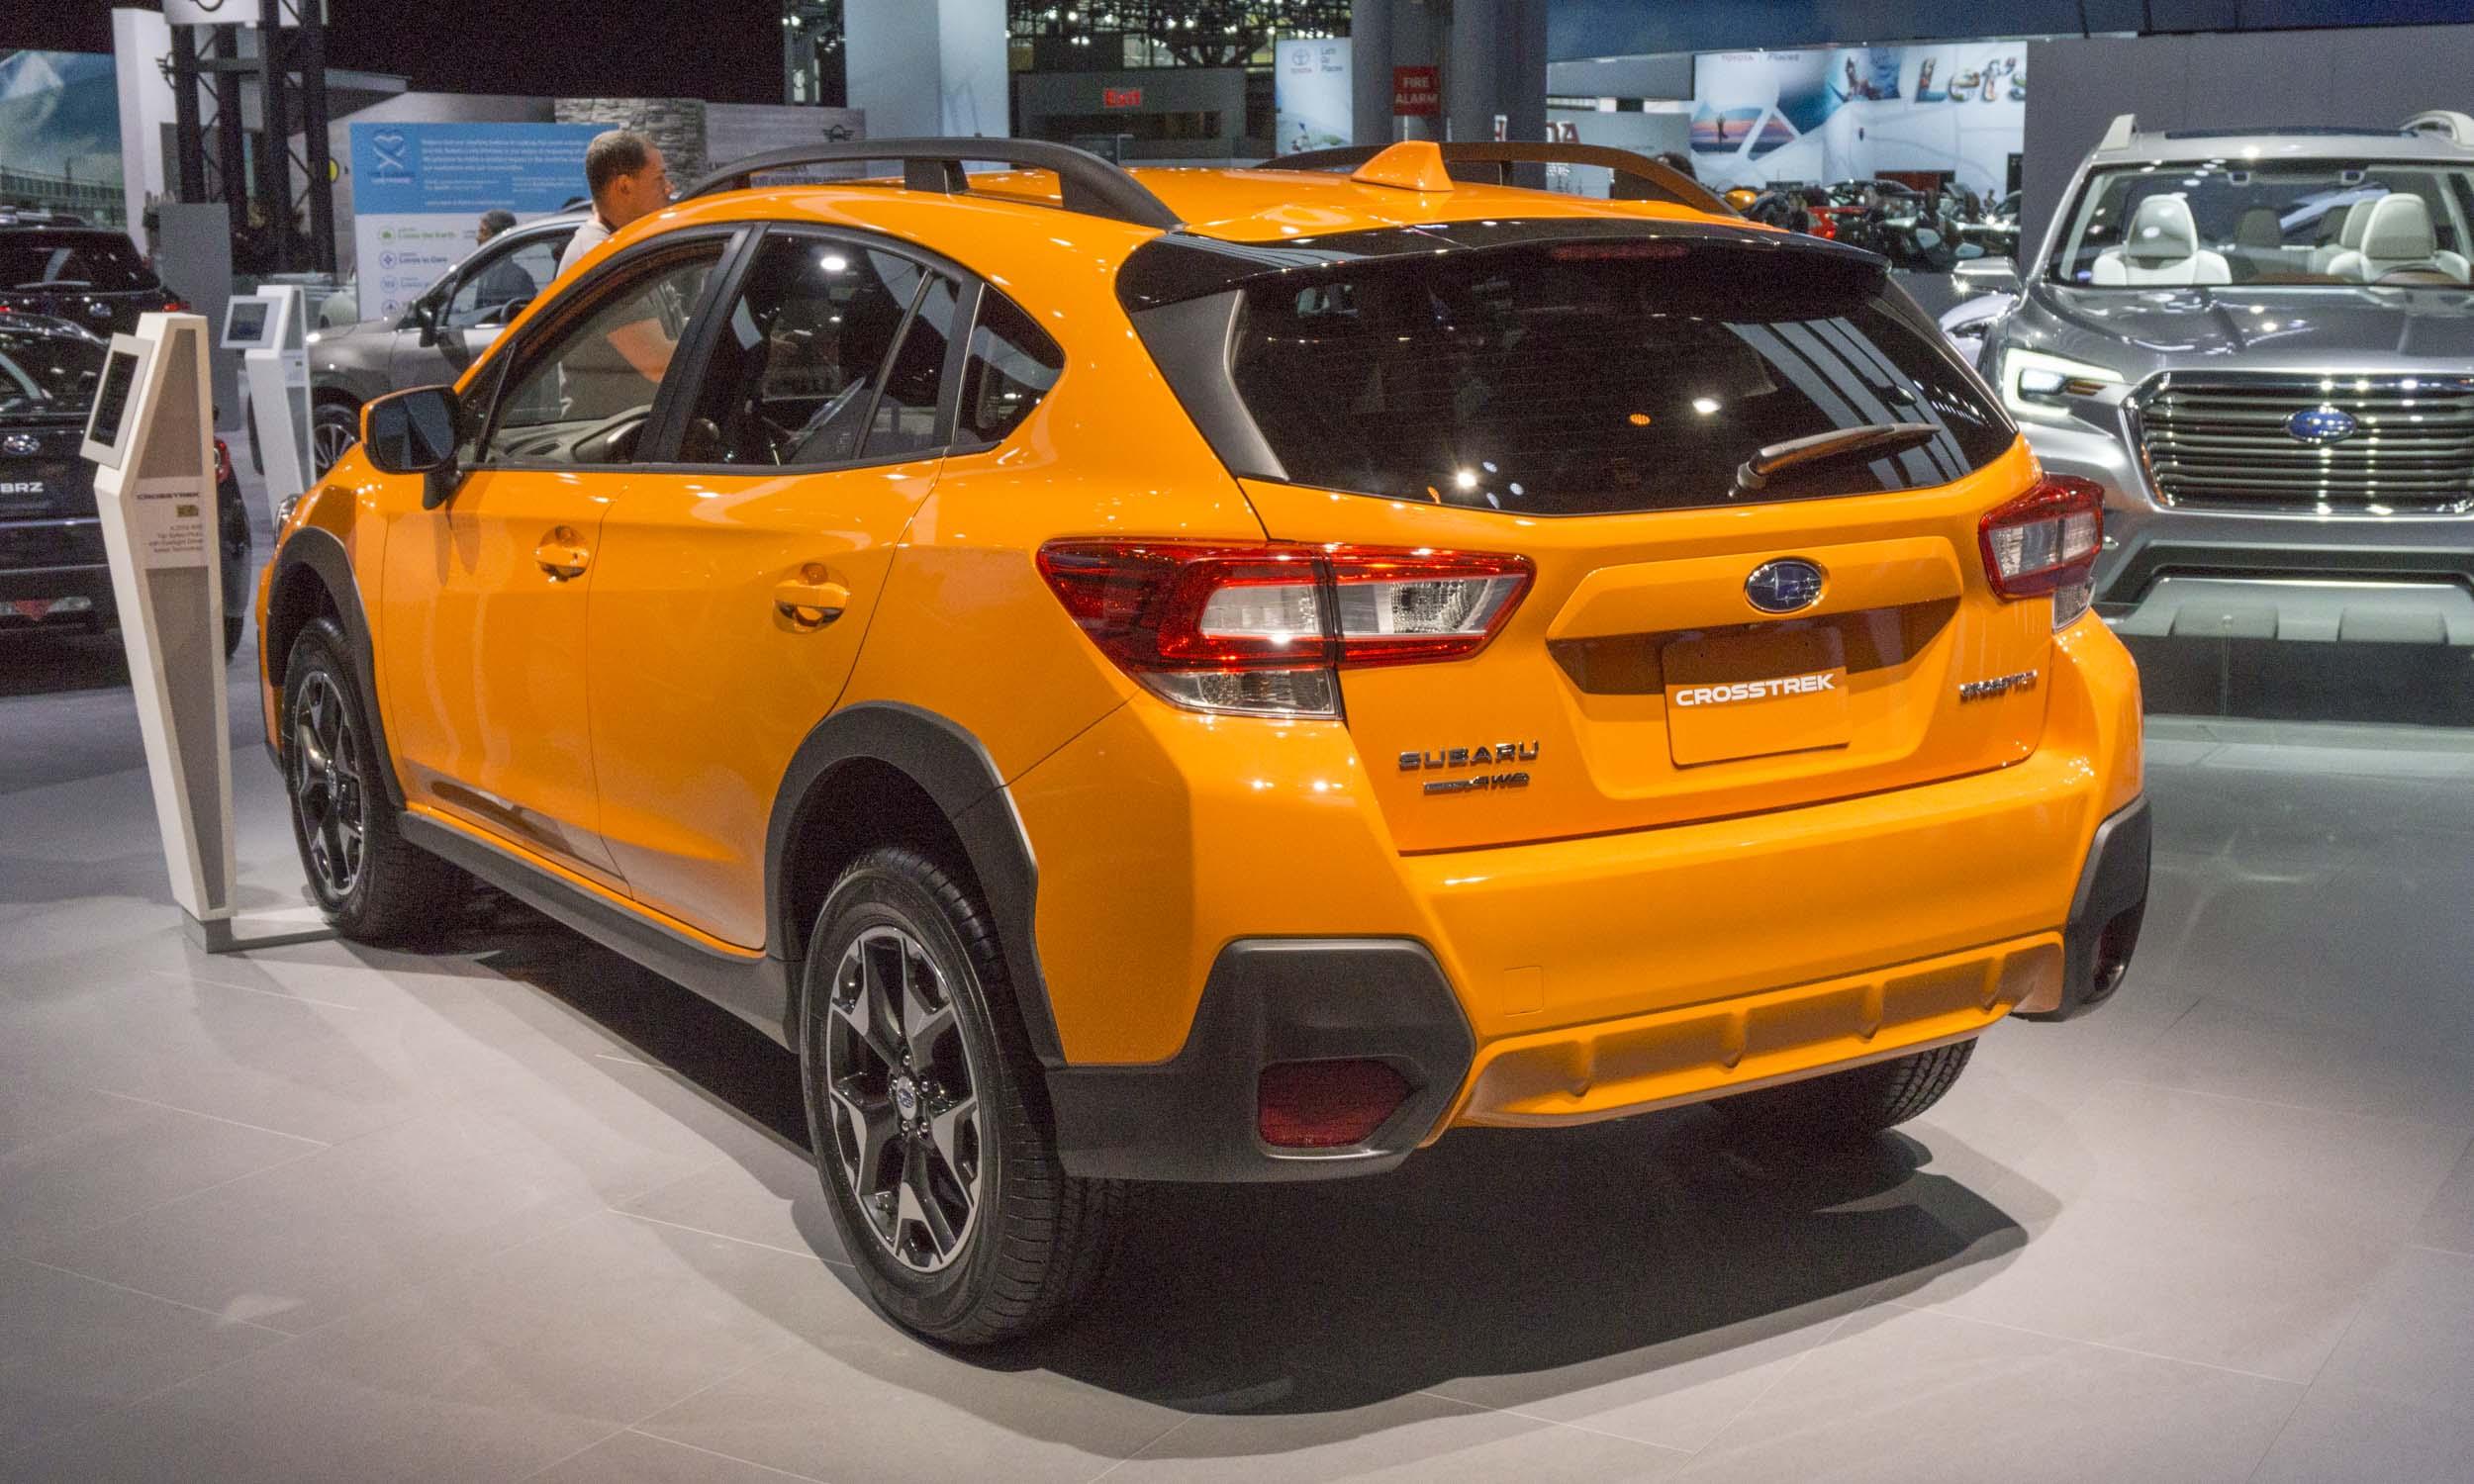 2017 New York Auto Show Suvs Galore on Subaru Crosstrek Cargo Net